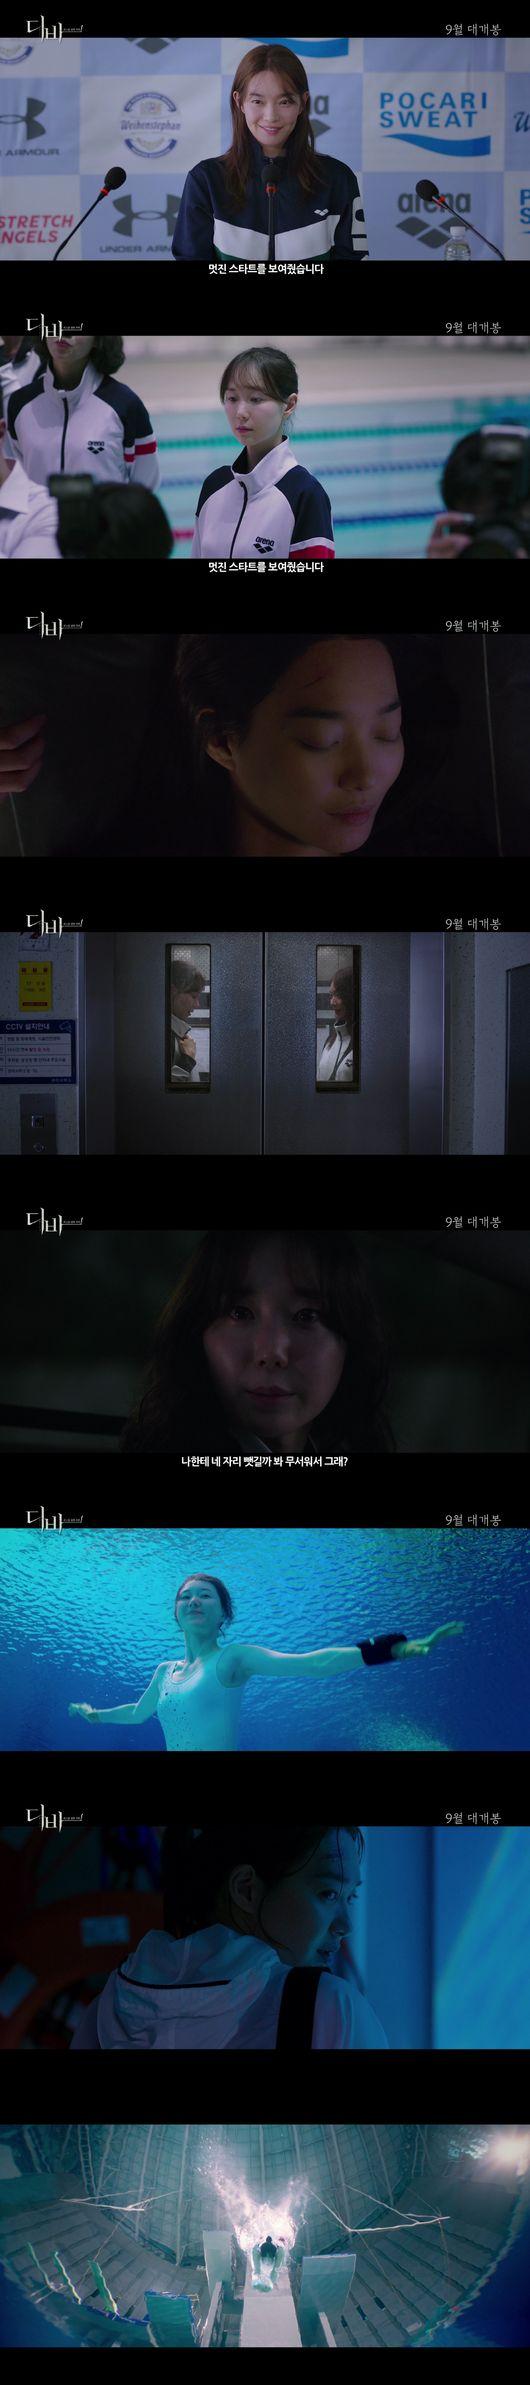 디바 신민아x이유영, 역대급 연기 대결 티저 예고편 최초 공개 [Oh!쎈 컷]